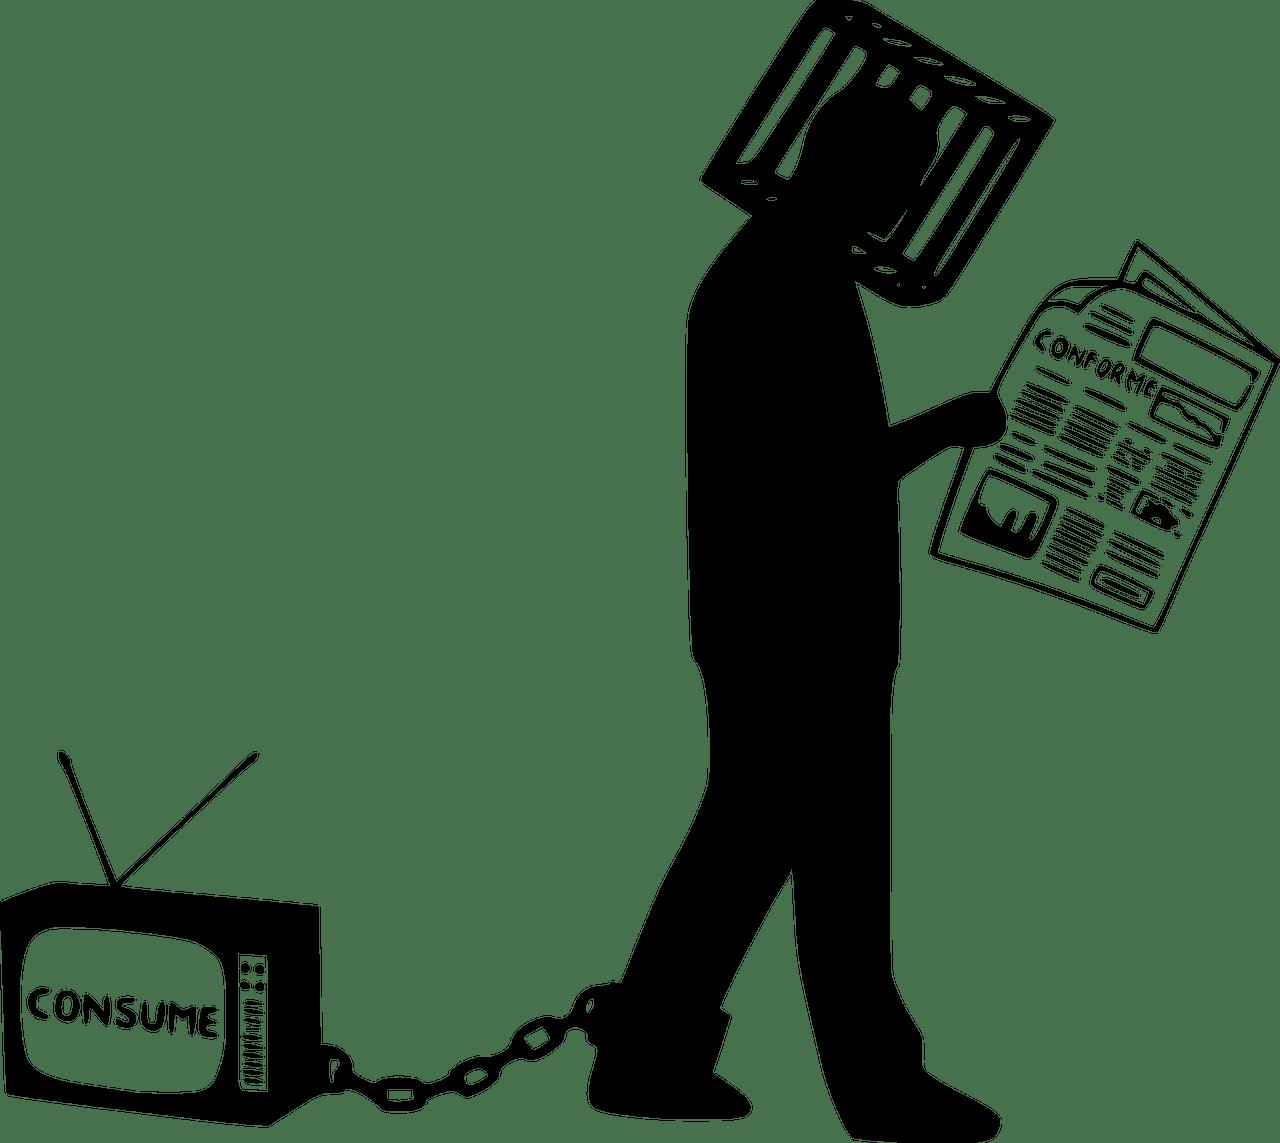 Психолингвистика: анализ языковых манипуляций в рекламе